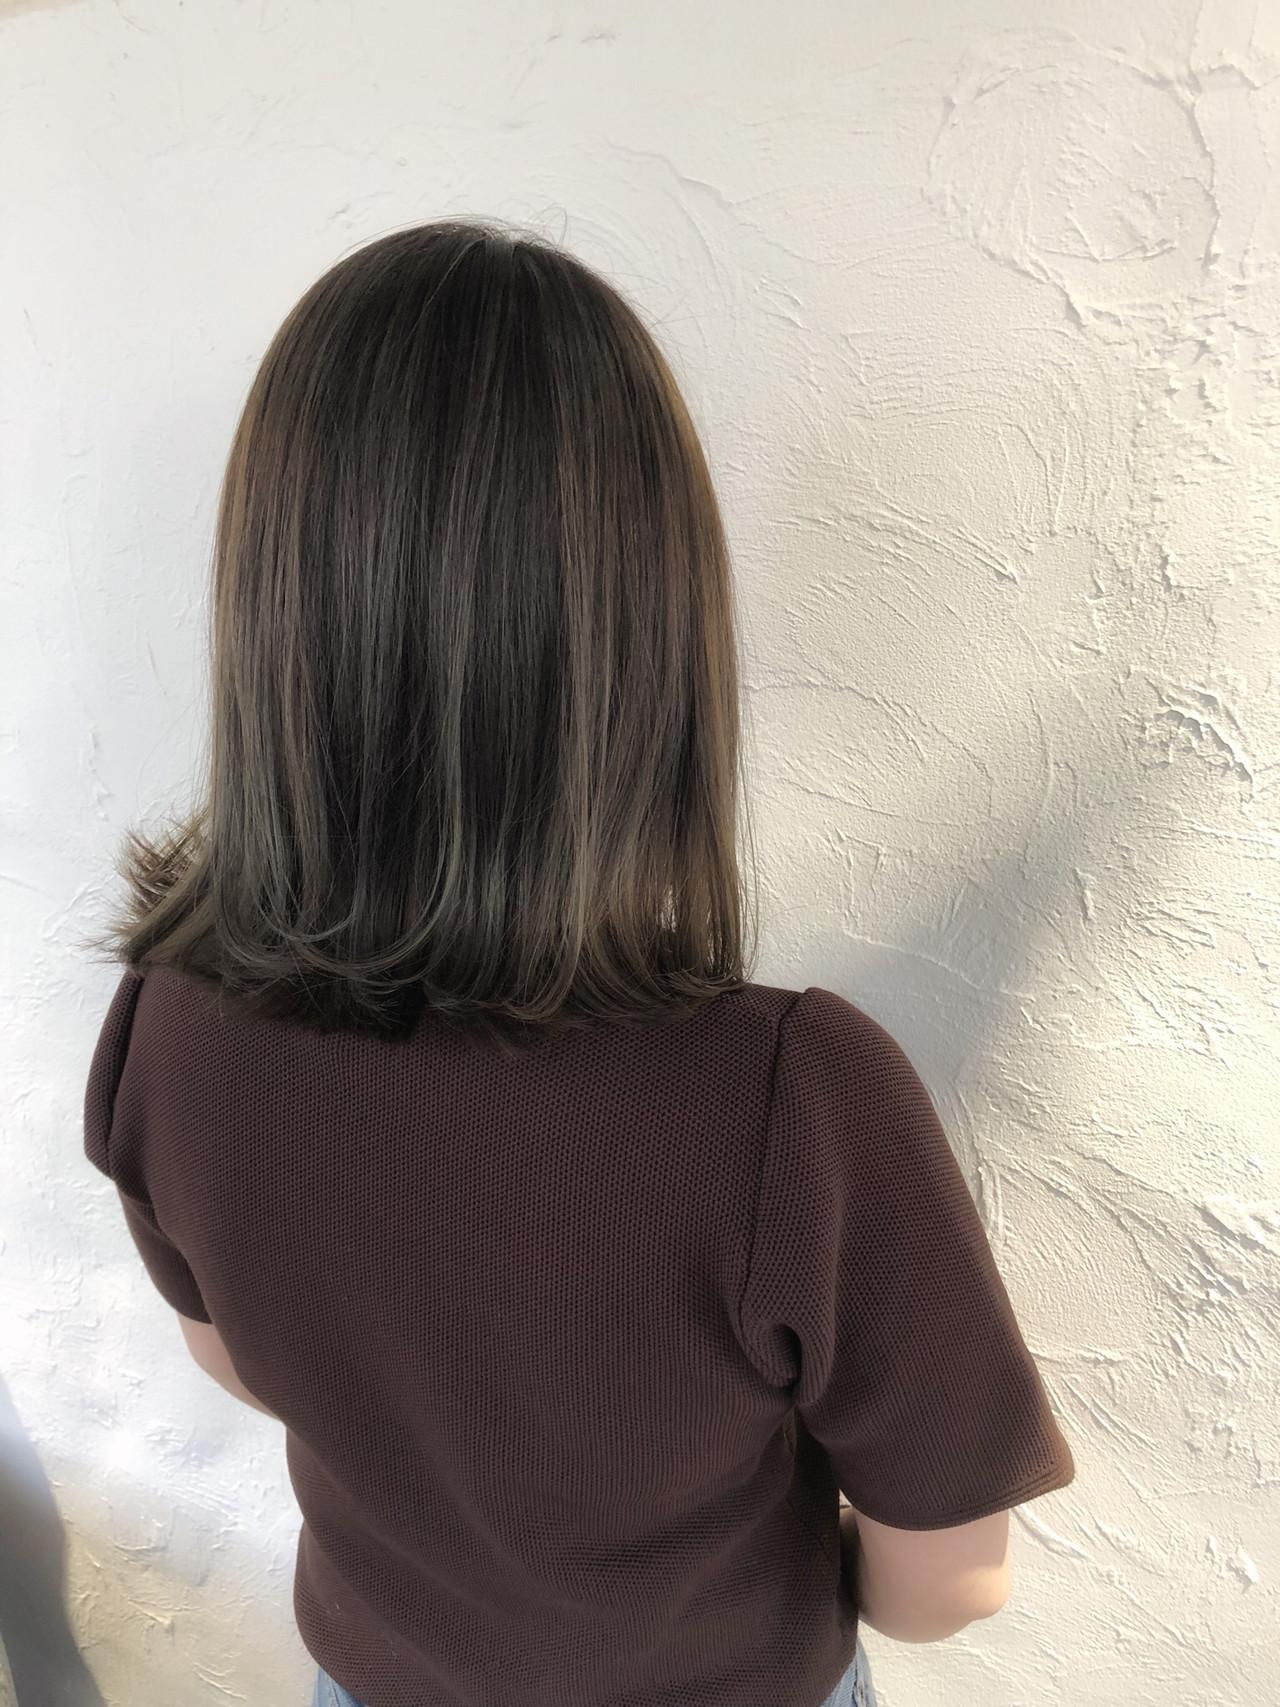 大人ハイライト ハイライト ナチュラル ブリーチカラー ヘアスタイルや髪型の写真・画像